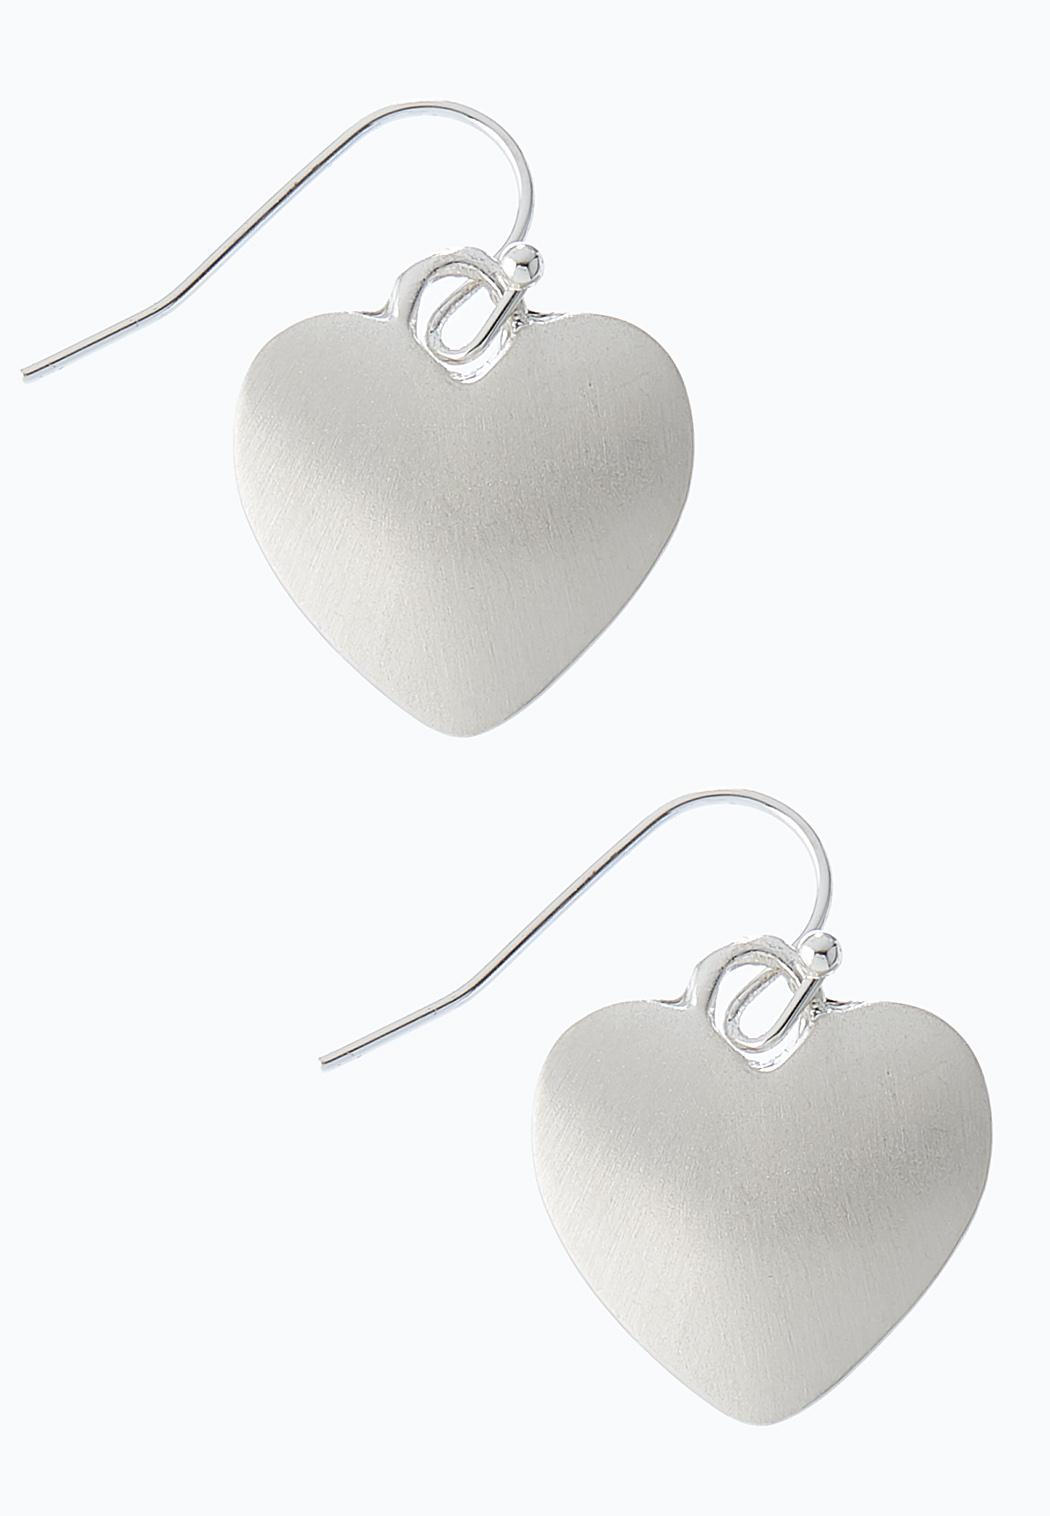 Brushed Silver Heart Earrings